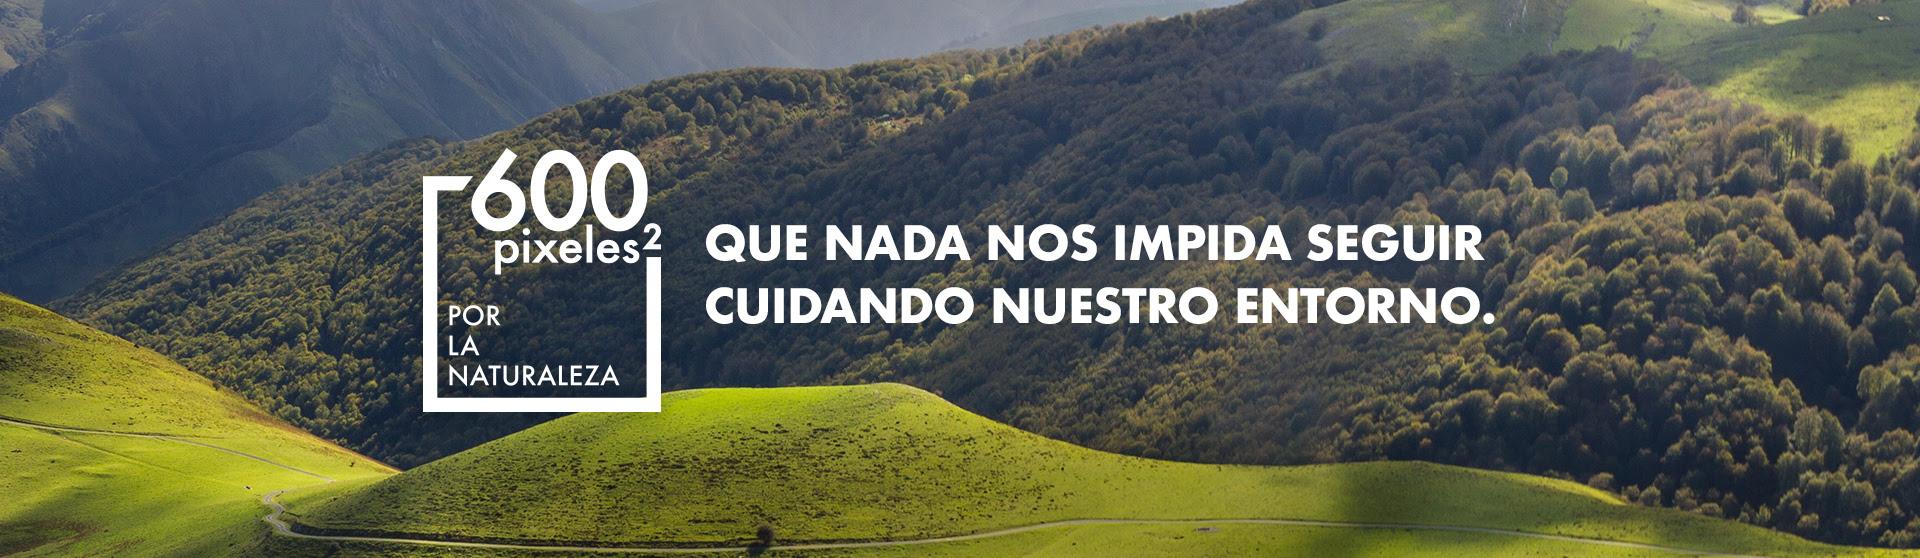 1m2 por la Naturaleza, y por todos  #LIBERA600px ¿COMO PUEDO COLABORAR?